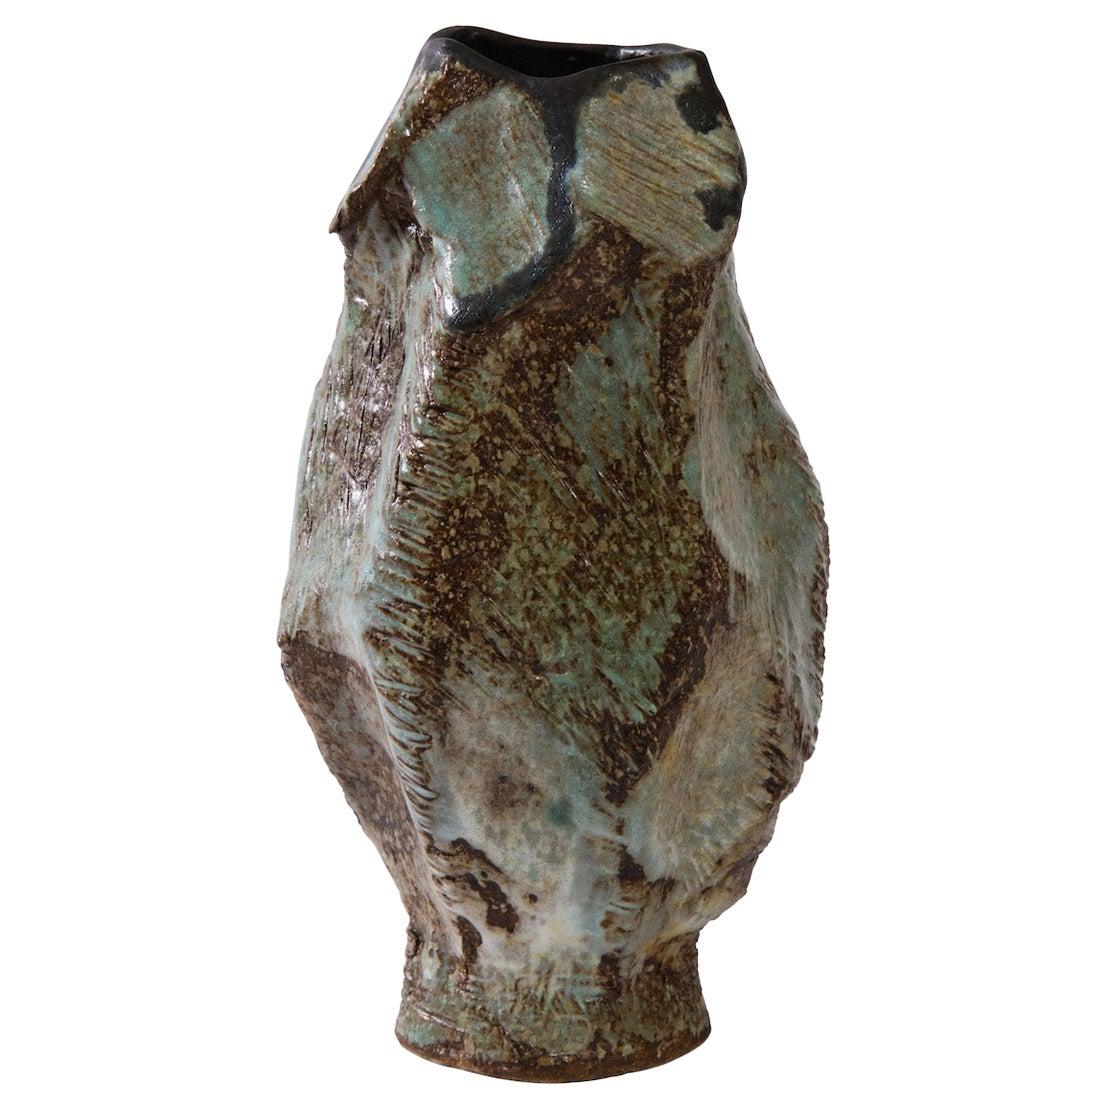 Sculptural Vase #8 by Dena Zemsky